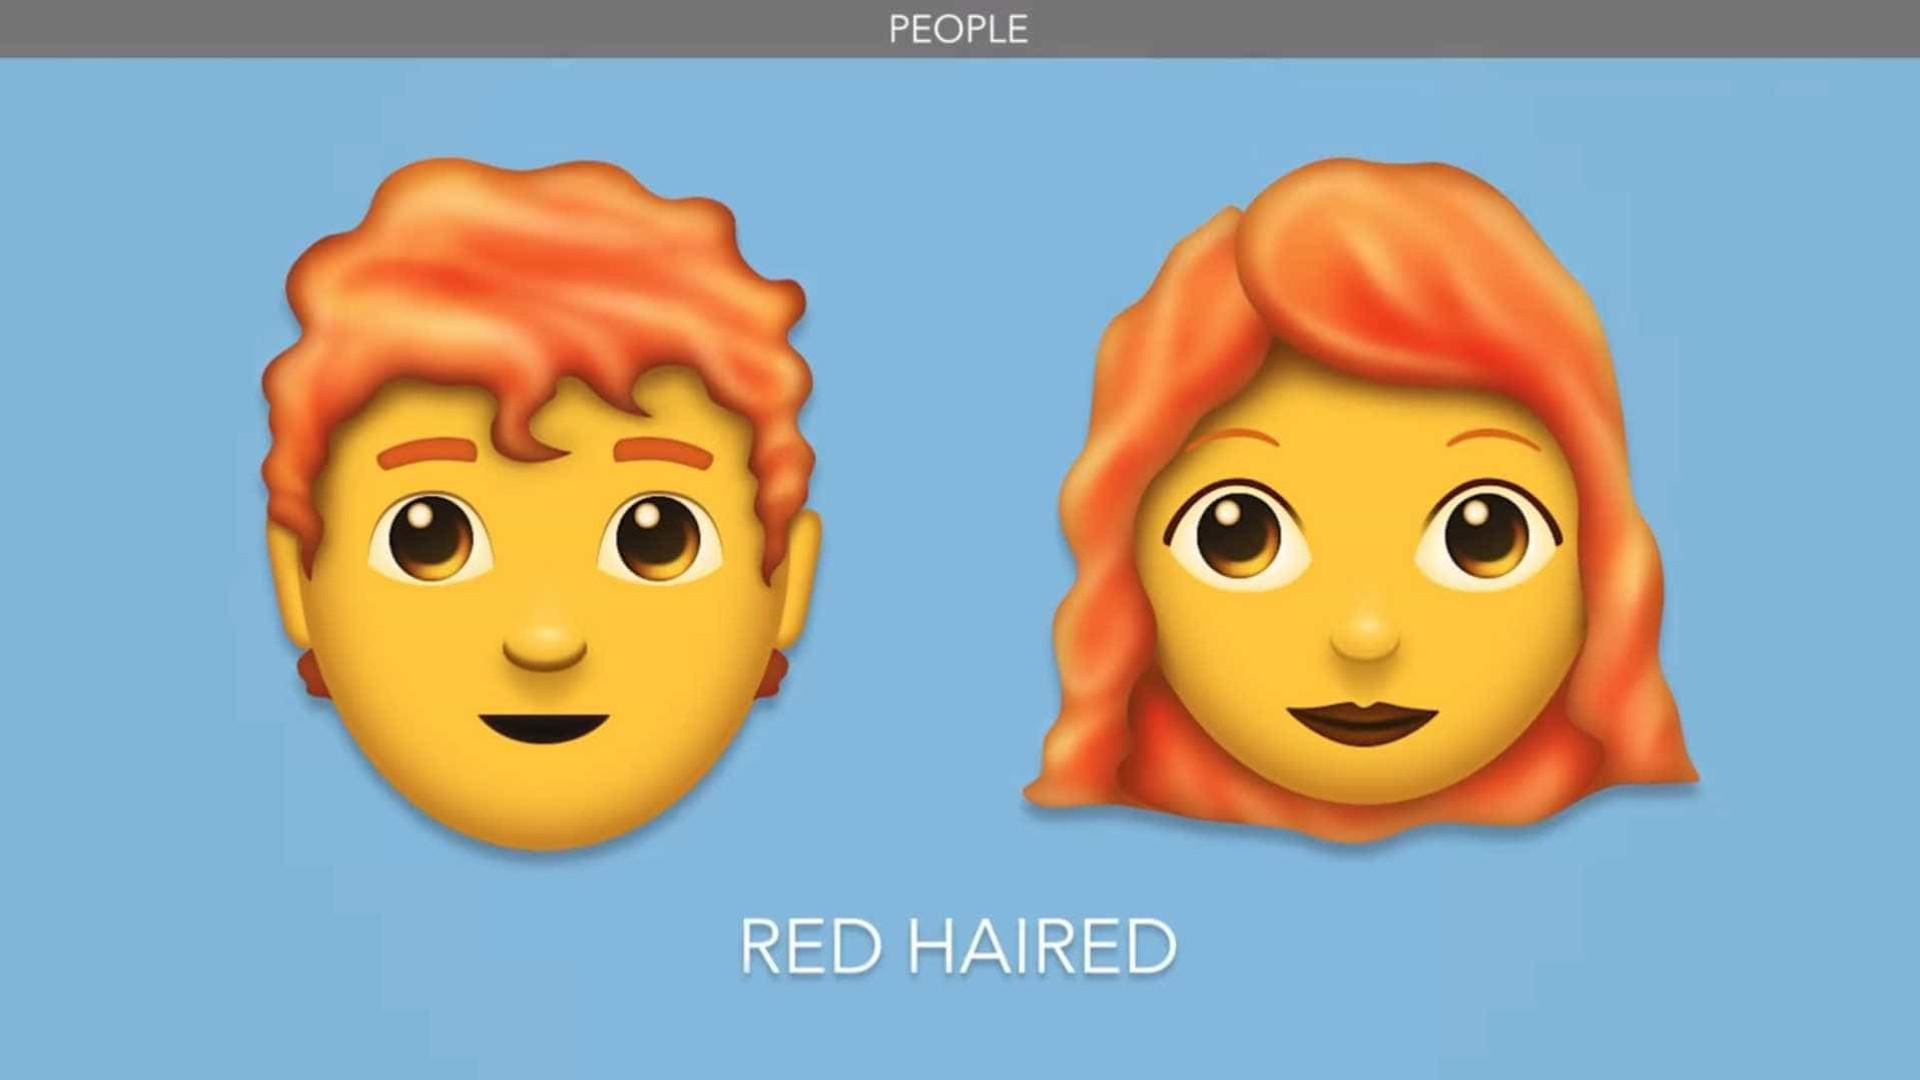 Em 2018 chegarão mais de 150 novos emojis. Fique a conhecê-los